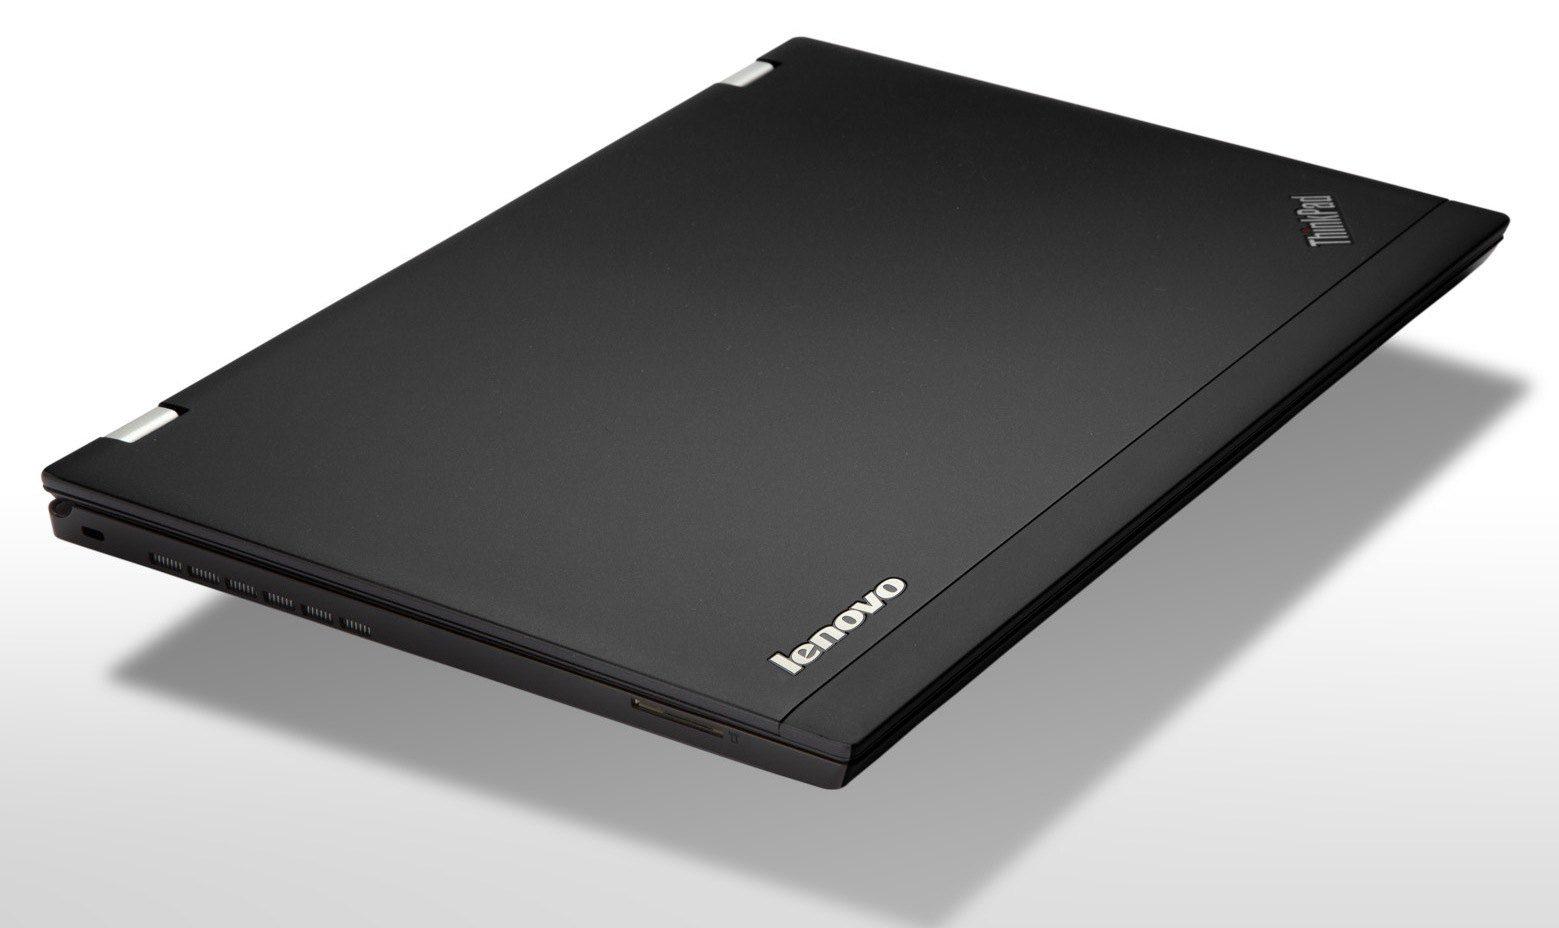 Bán Laptop Lenovo ThinkPad T410s Giá Rẻ - Core i5 - Thế hệ 1 - (Siêu  Bền/Doanh Nghiệp/Mỏng)